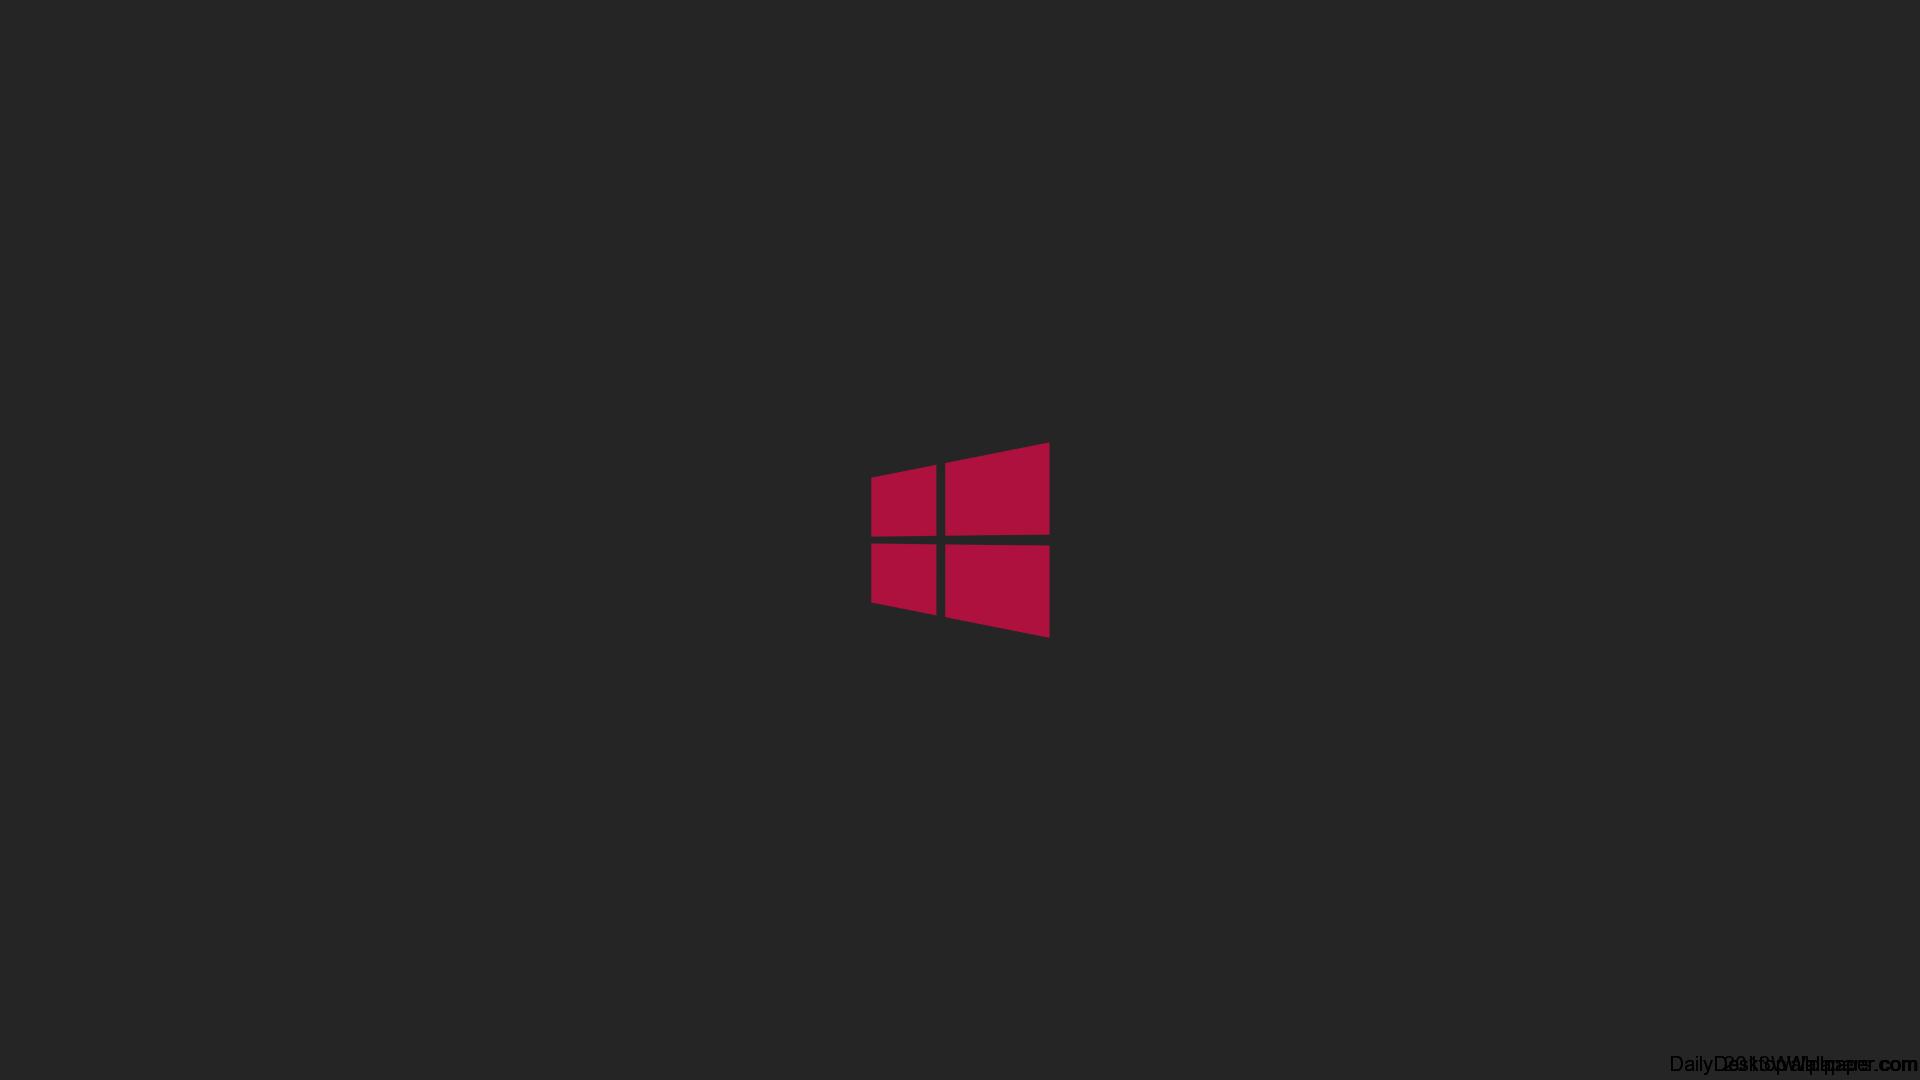 HD Windows 10 Logo W